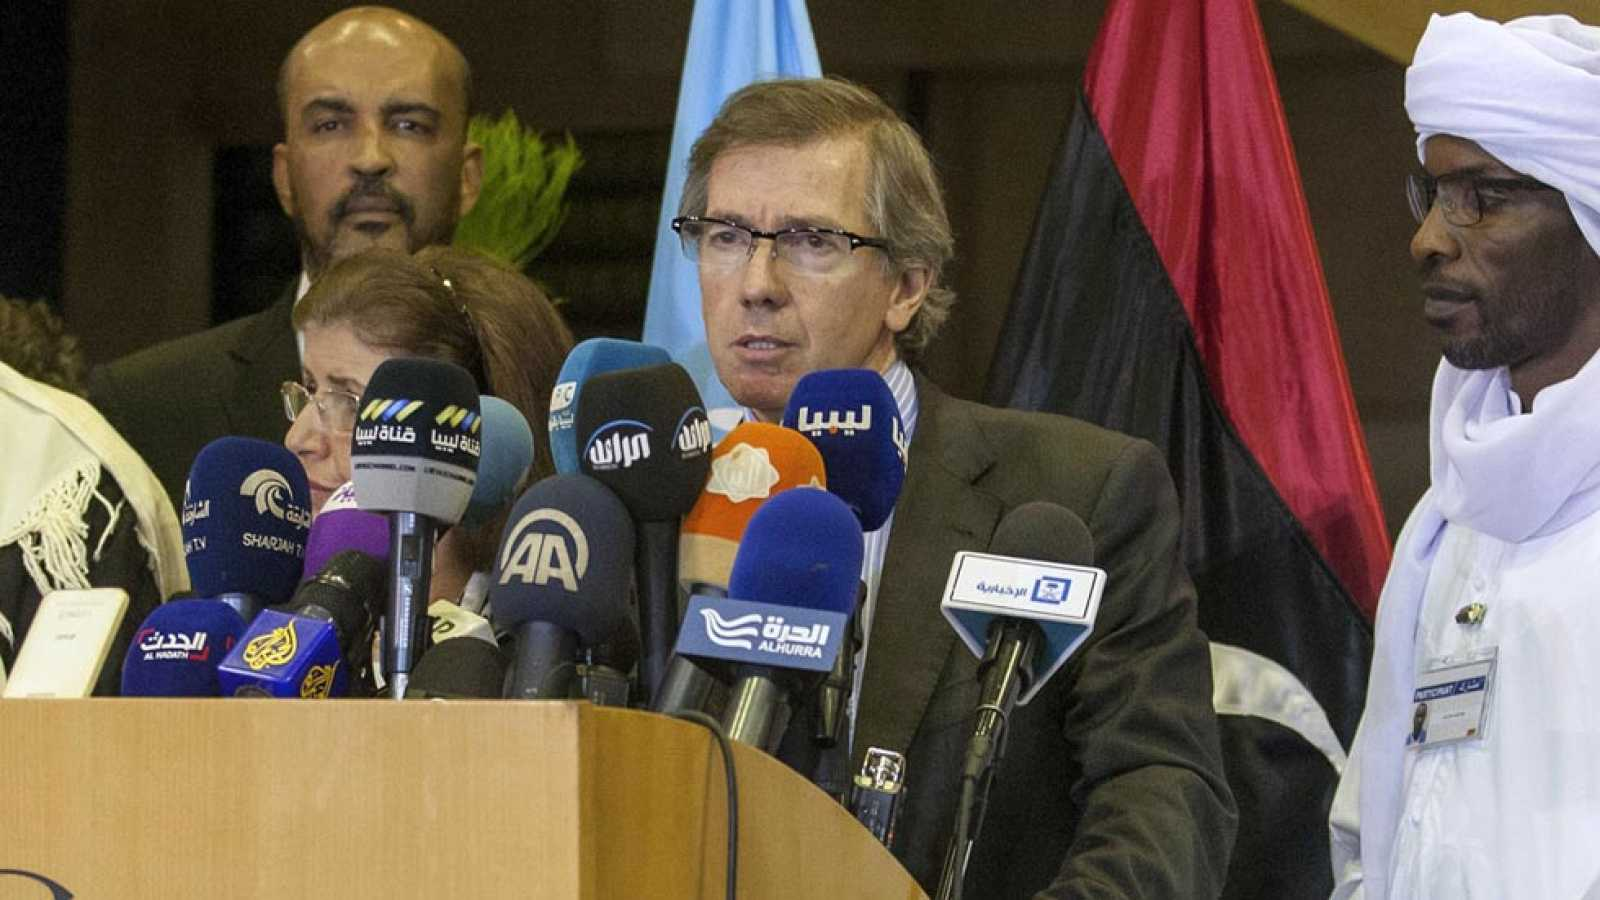 La ONU propone un gobierno de unidad en Libia para conciliar a las facciones beligerantes